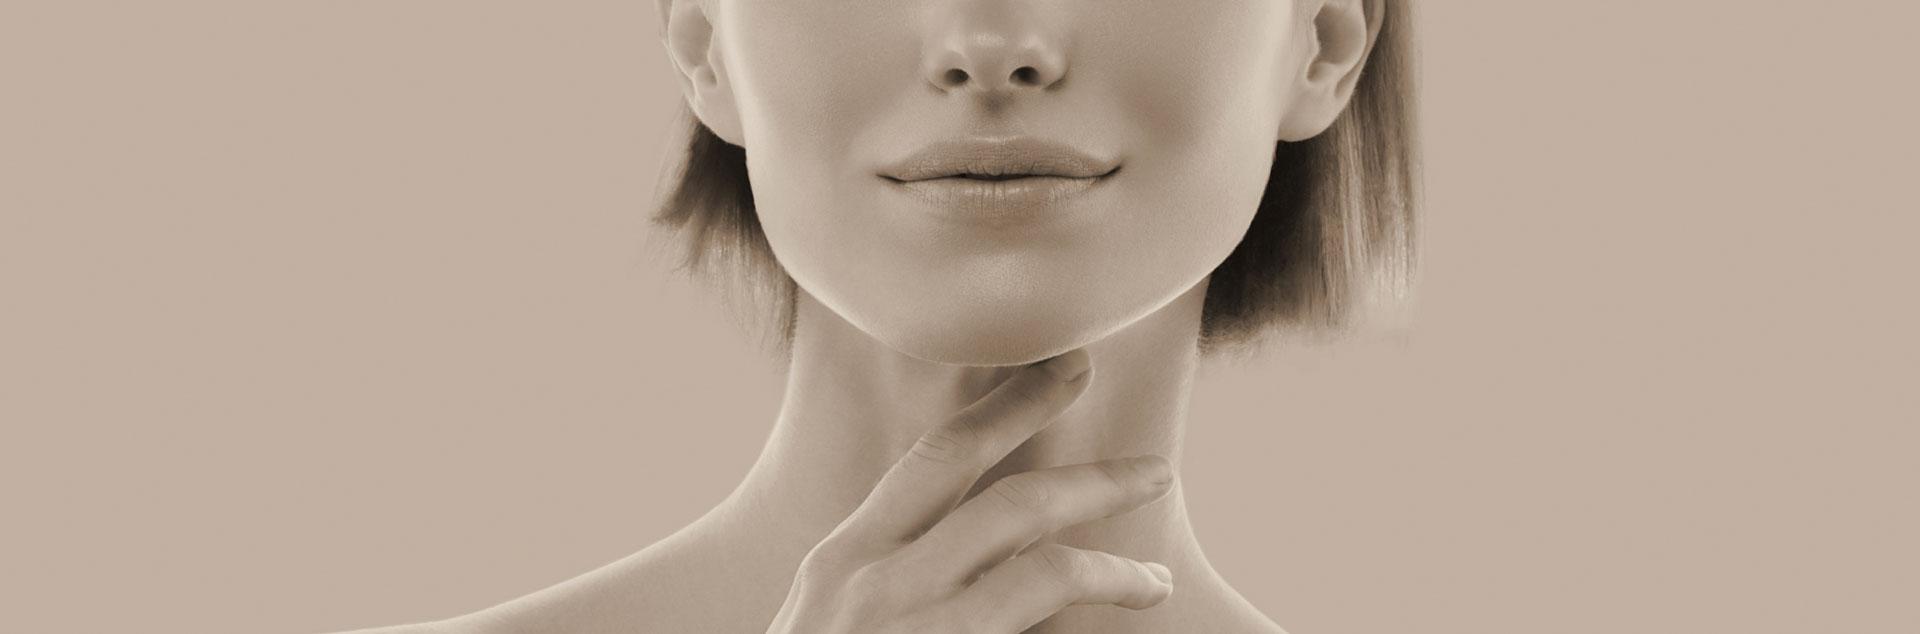 Doctor Charme combina trattamenti con effetto ricompattante a trattamenti rigeneranti per il massimo risultato